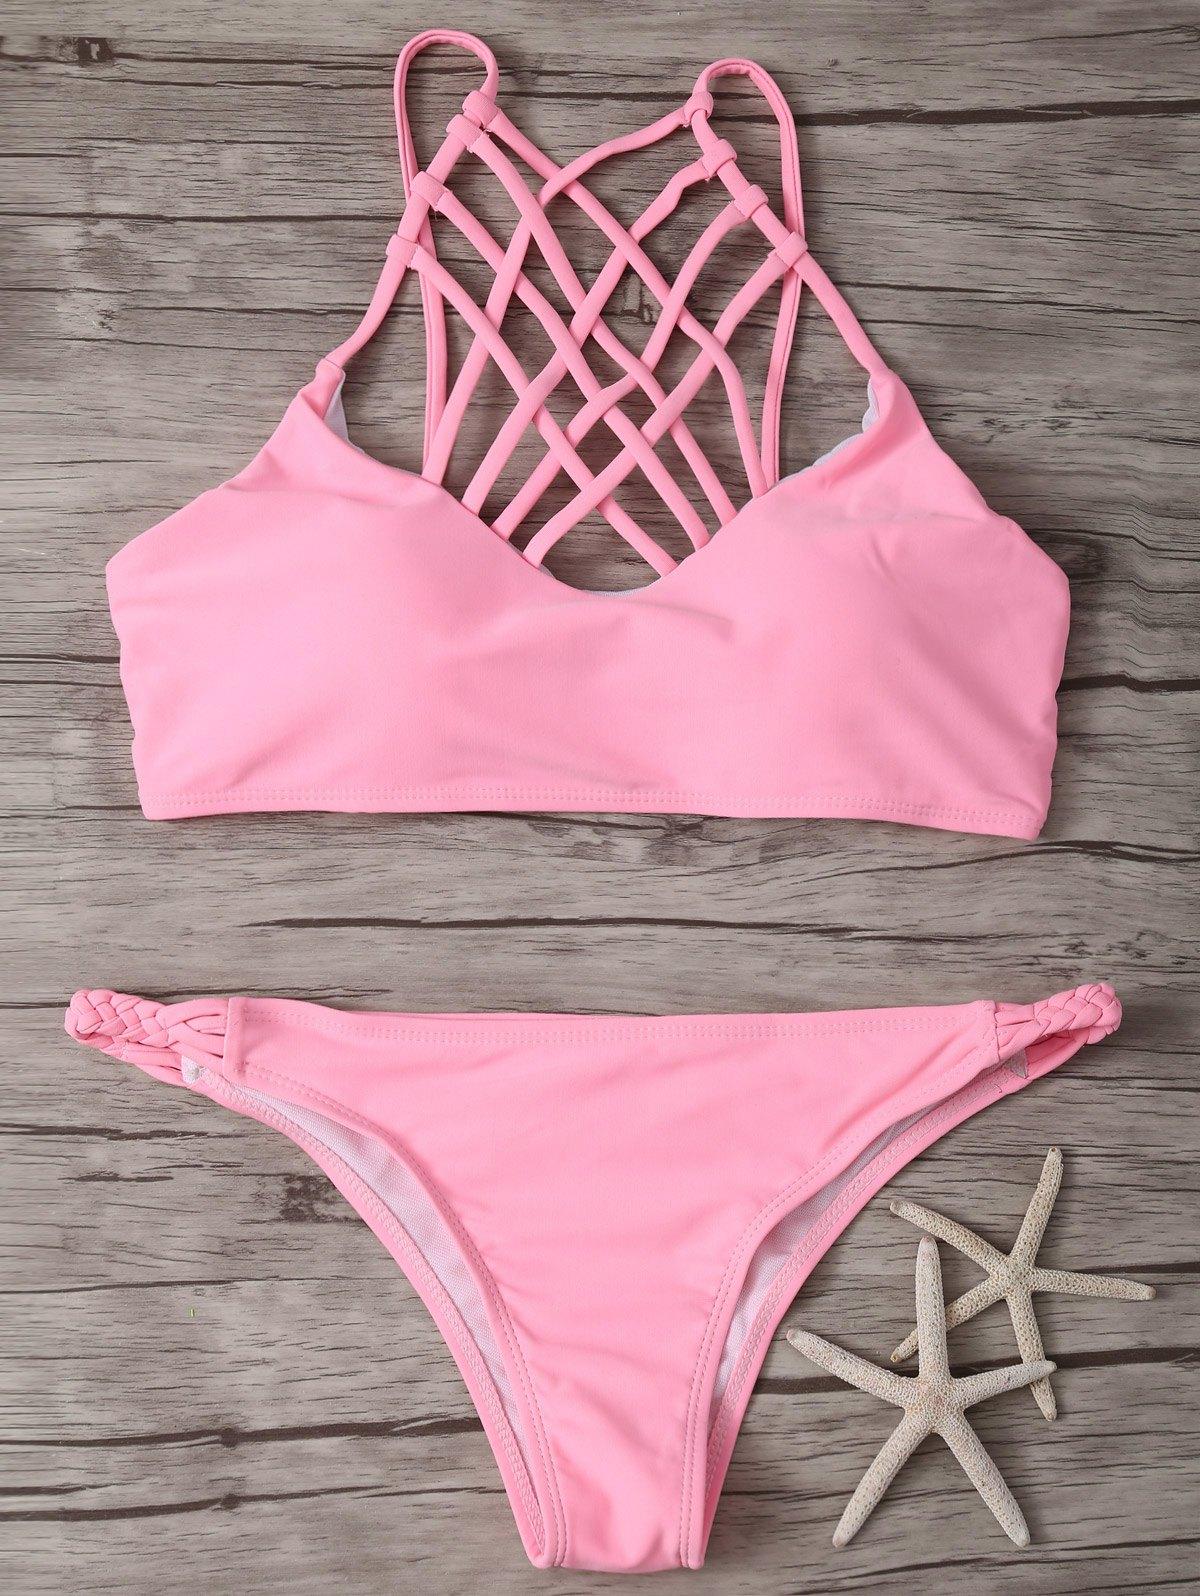 Crisscross Strap High-Cut Bikini